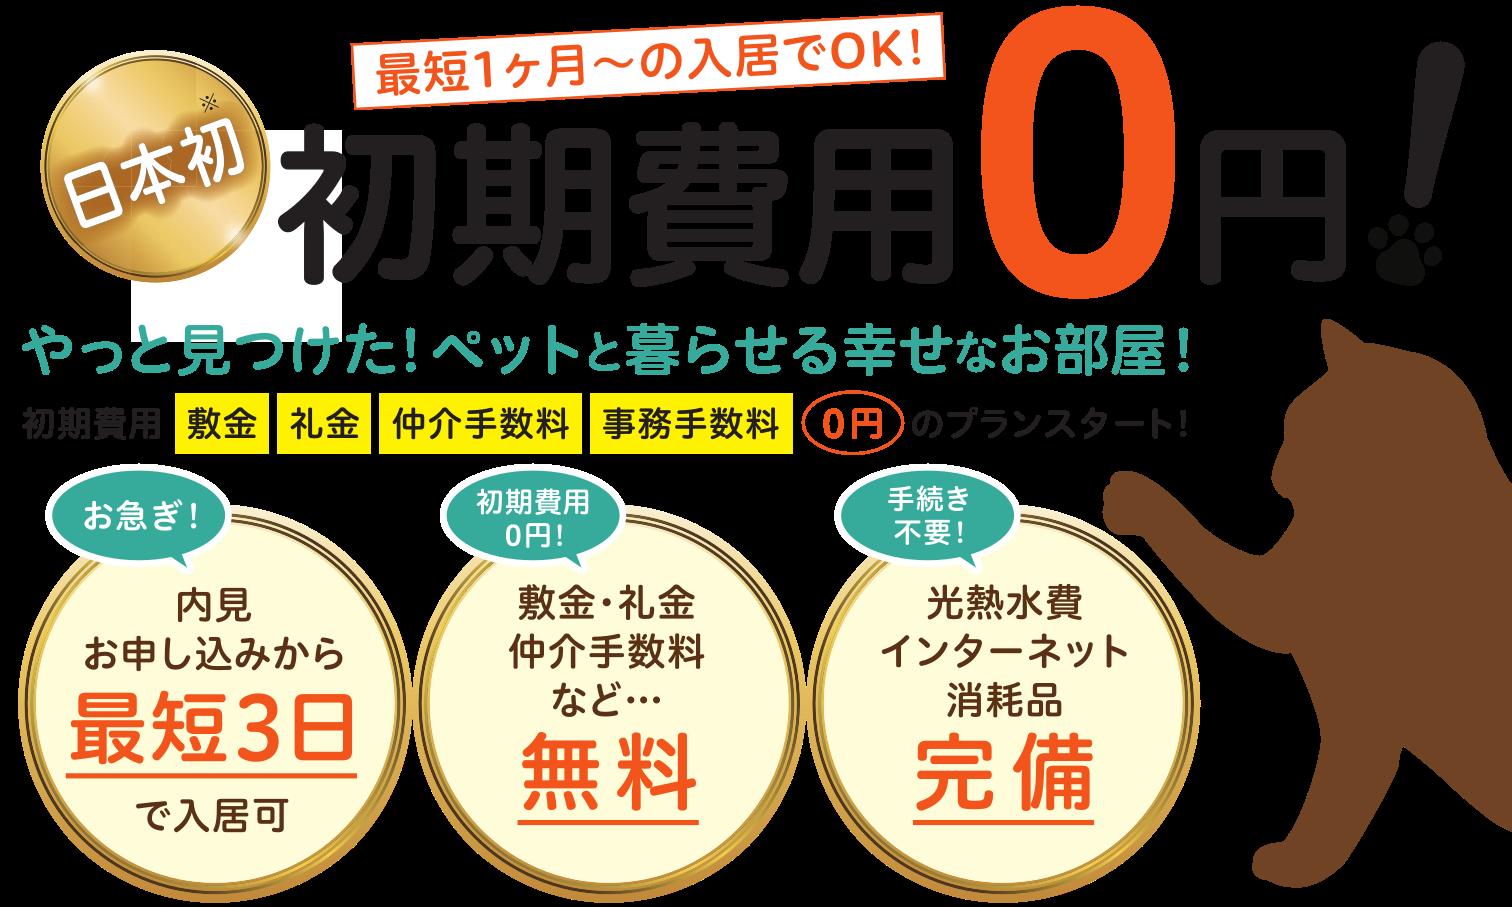 初期費用0円キャンペーン!